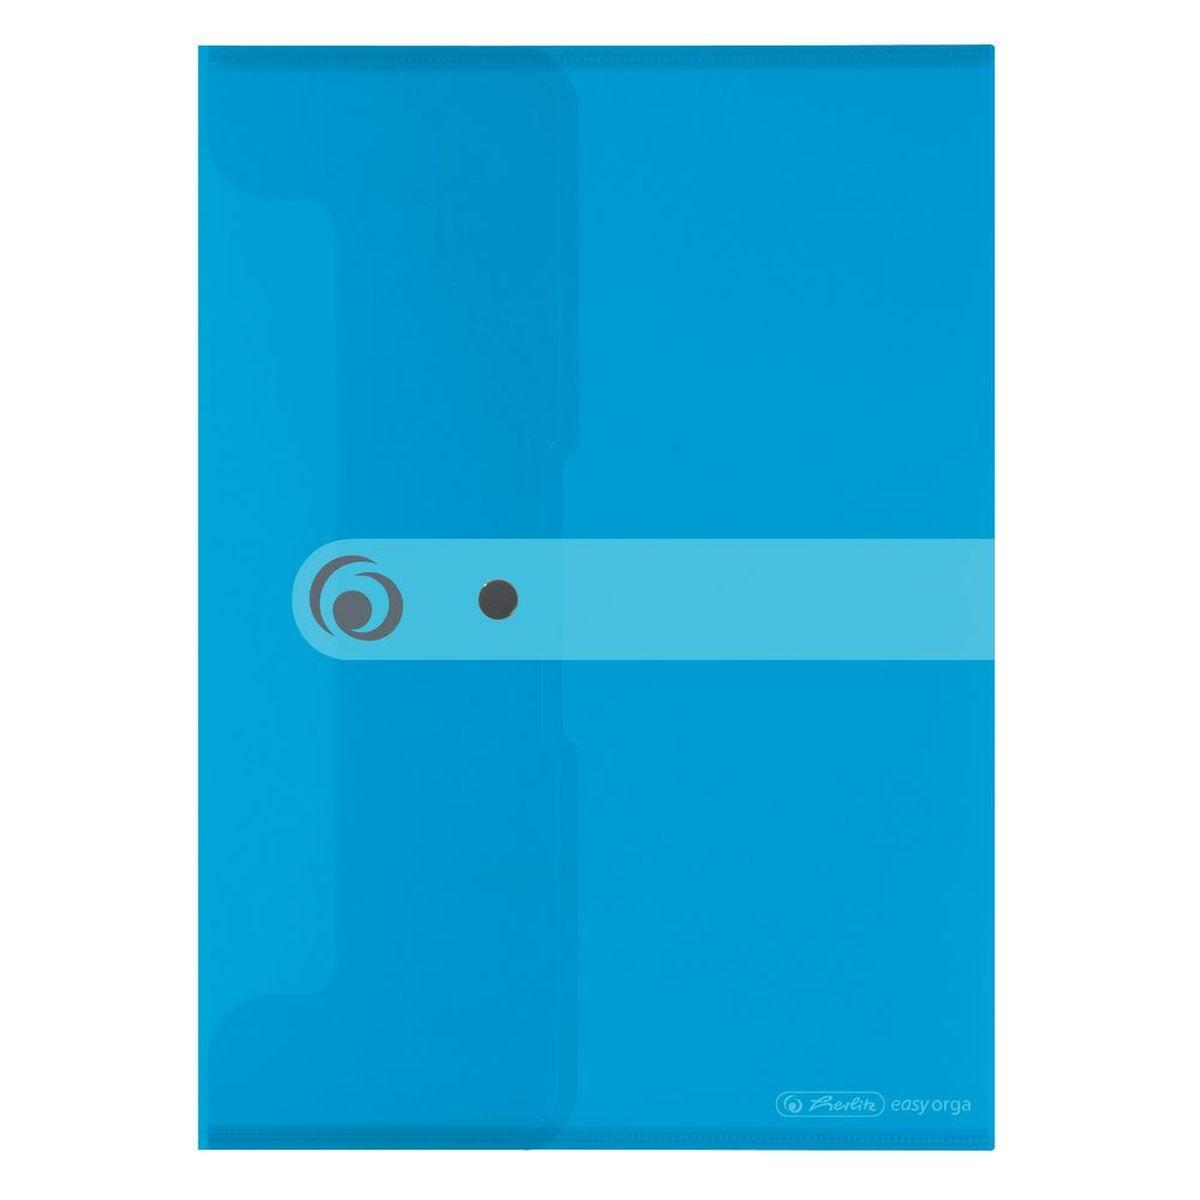 Herlitz Папка-конверт Easy orga формат A4 цвет голубой - Папки